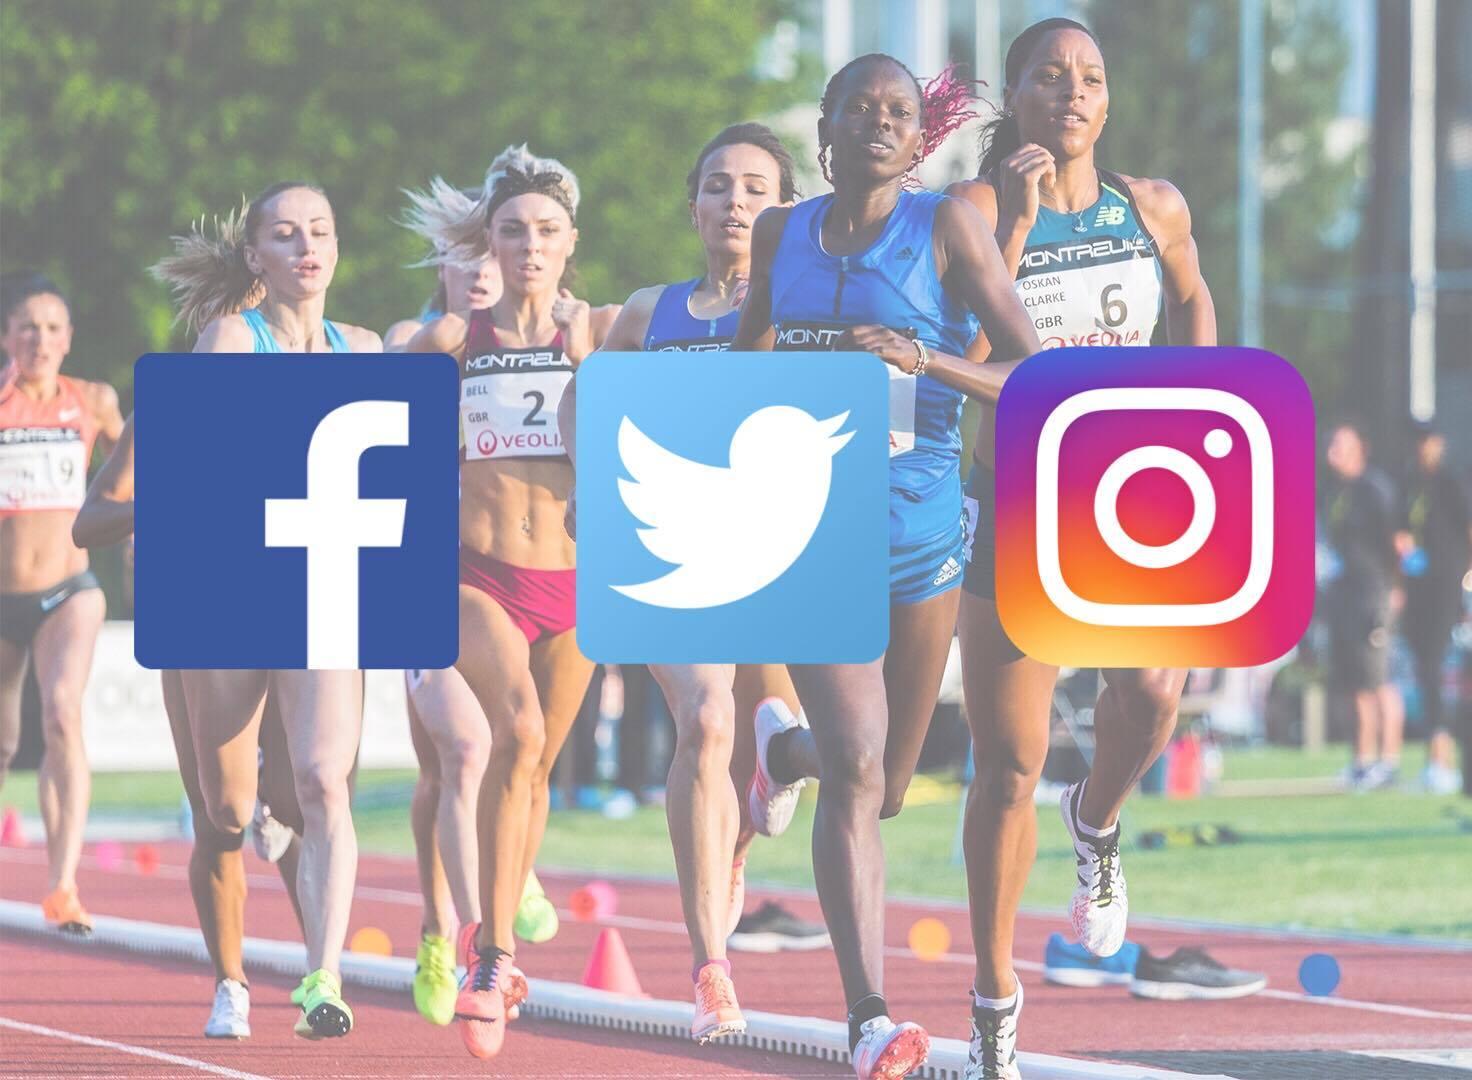 Qui sont les athlètes français les plus suivis sur réseaux sociaux ?